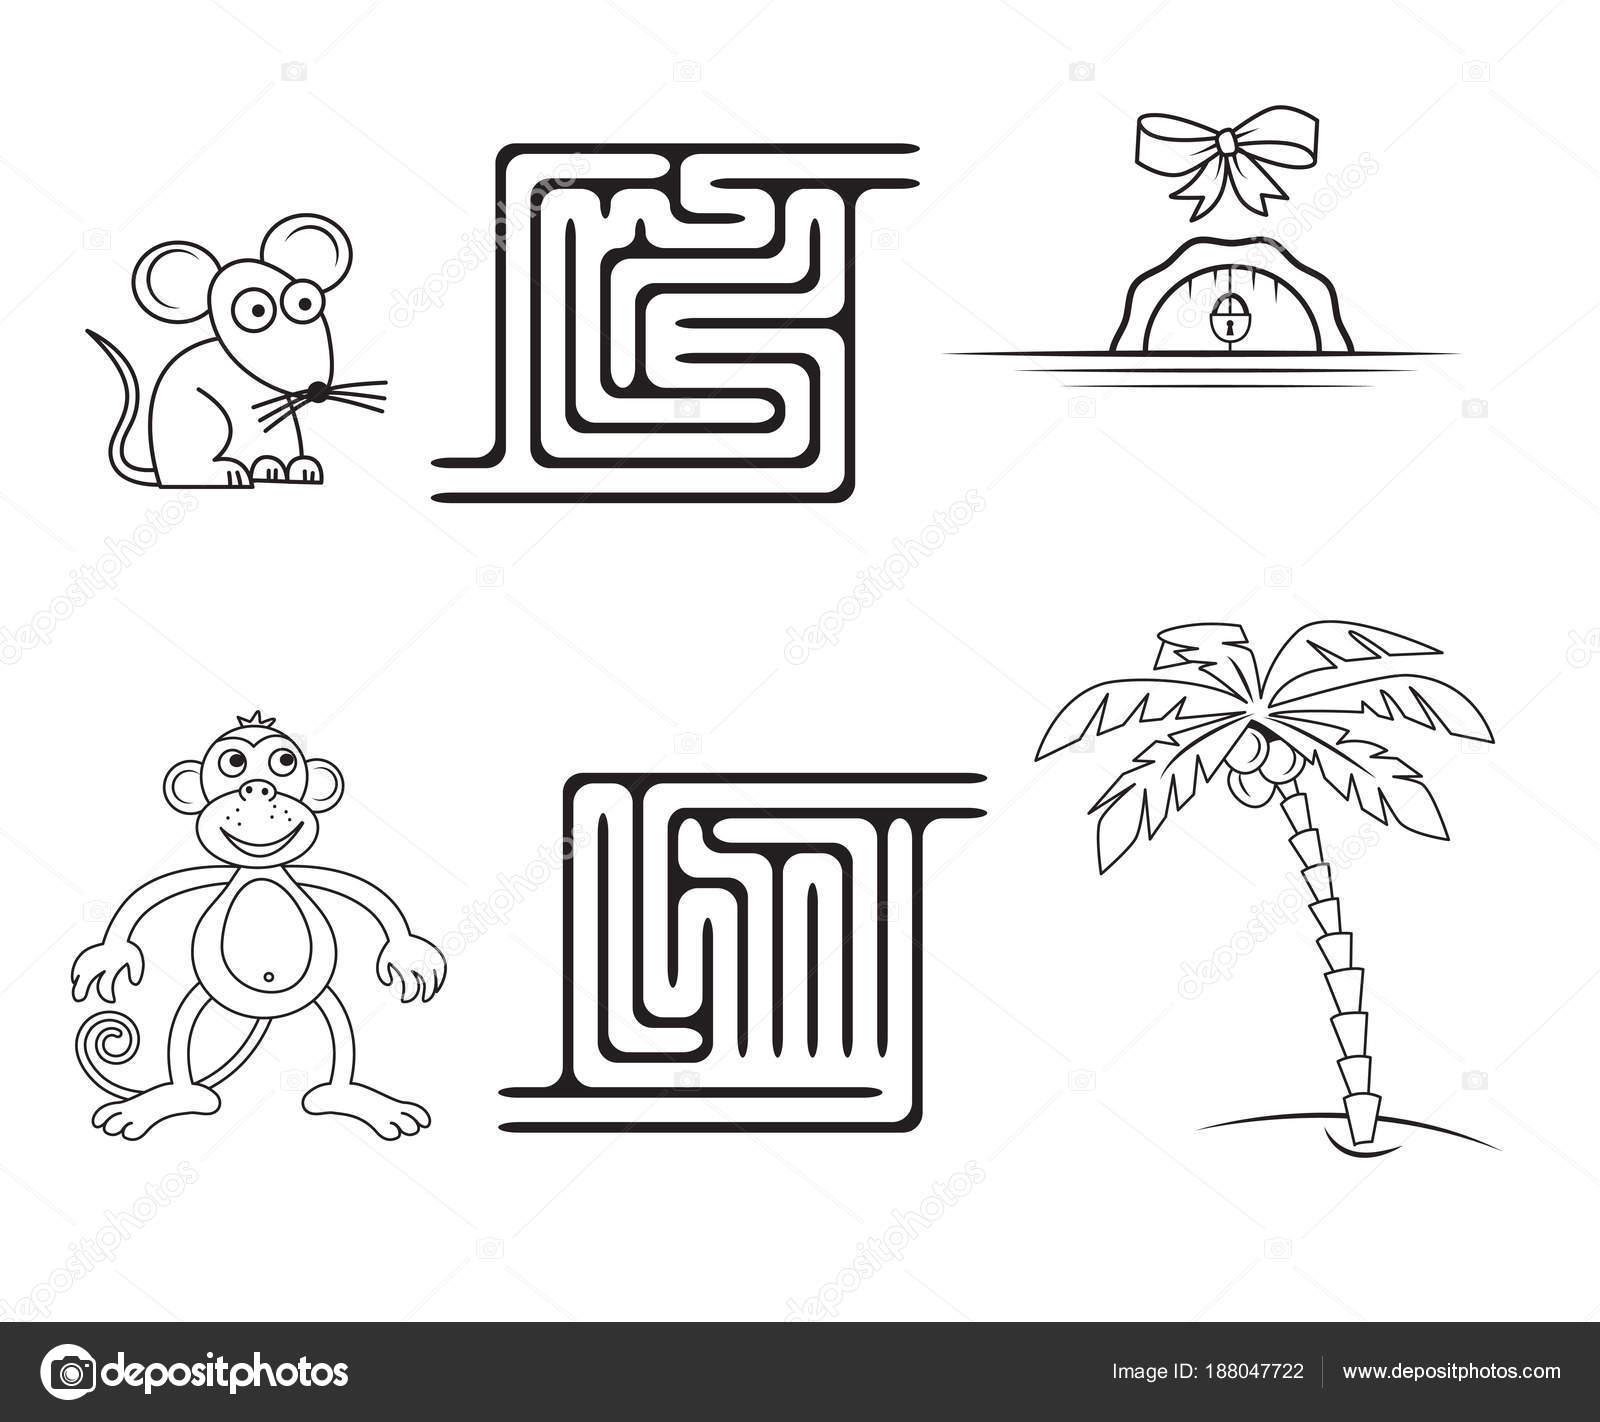 Quadratische Labyrinth Spiel Für Kinder Malvorlagen — Stockvektor ...